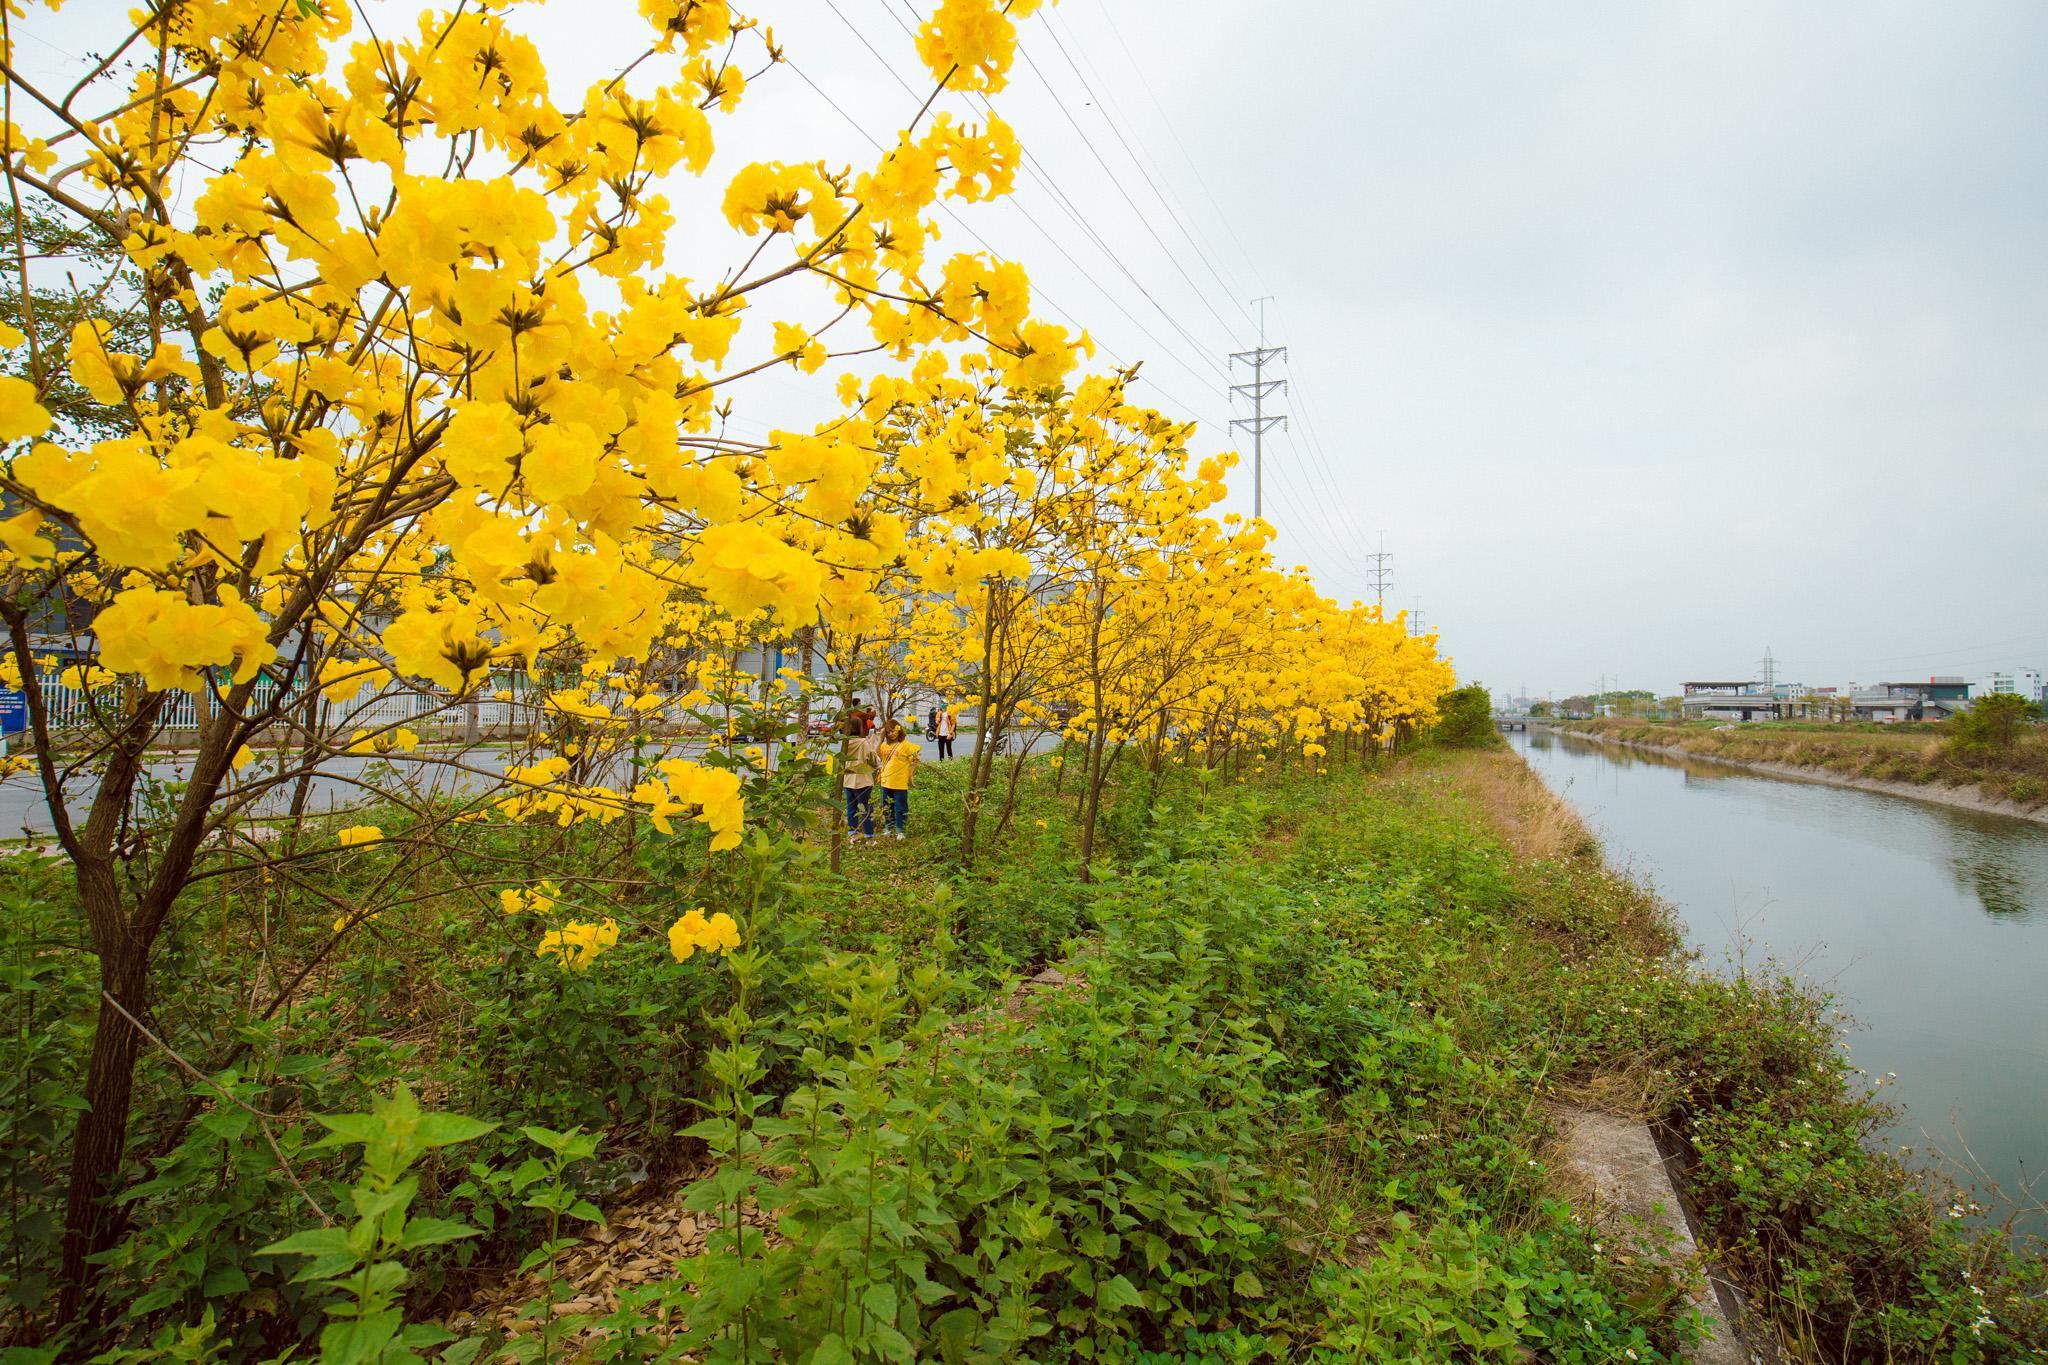 Vườn hoa phong linh nở sắc vàng rực rỡ đẹp tựa trời Âu ở Bắc Giang - Ảnh 1.